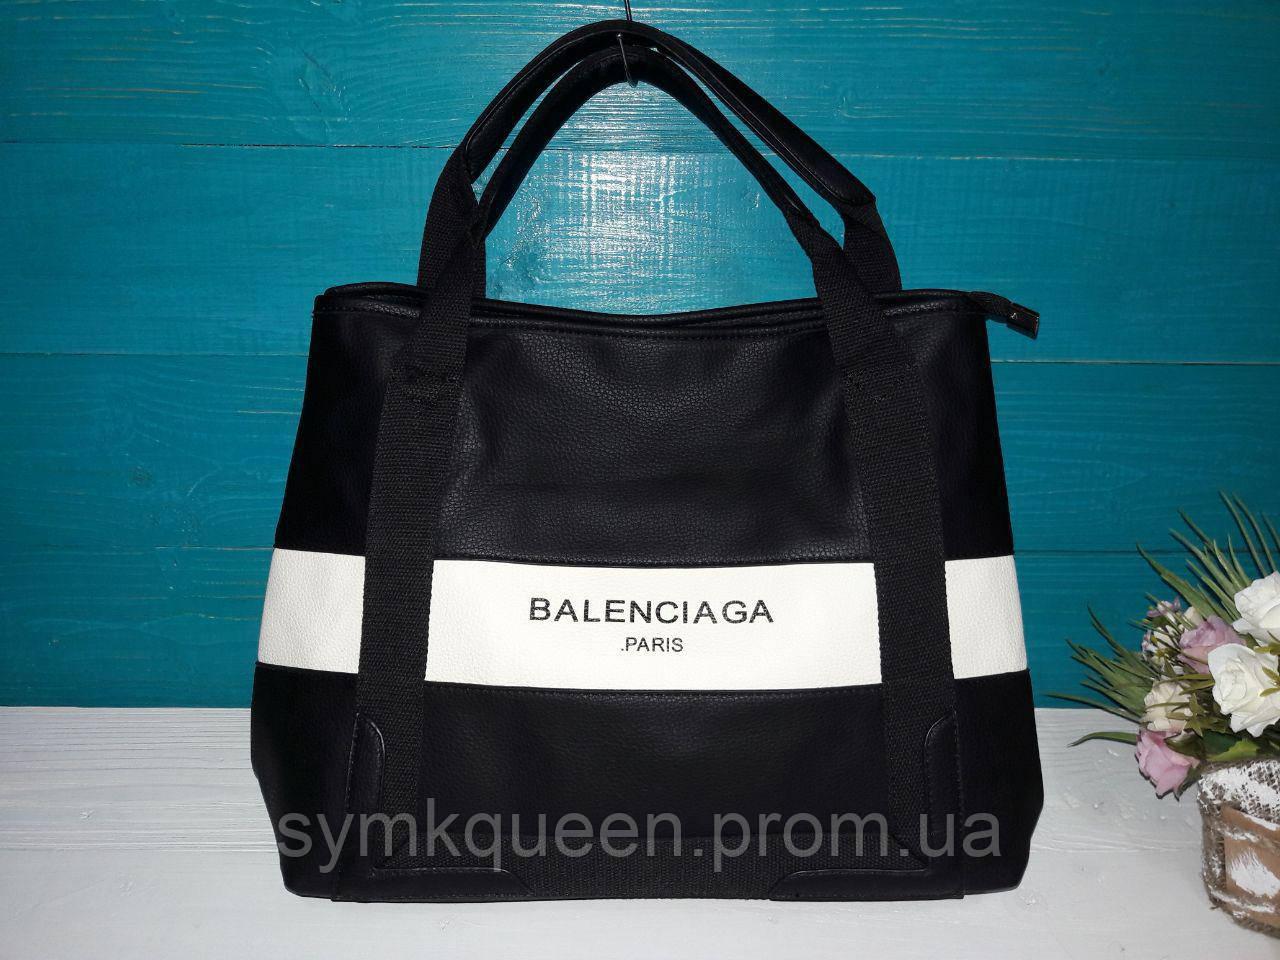 5eefd88d Повседневная сумка Баленсиага (Balenciaga) реплика) для спорта - SymkQueen в  Одессе